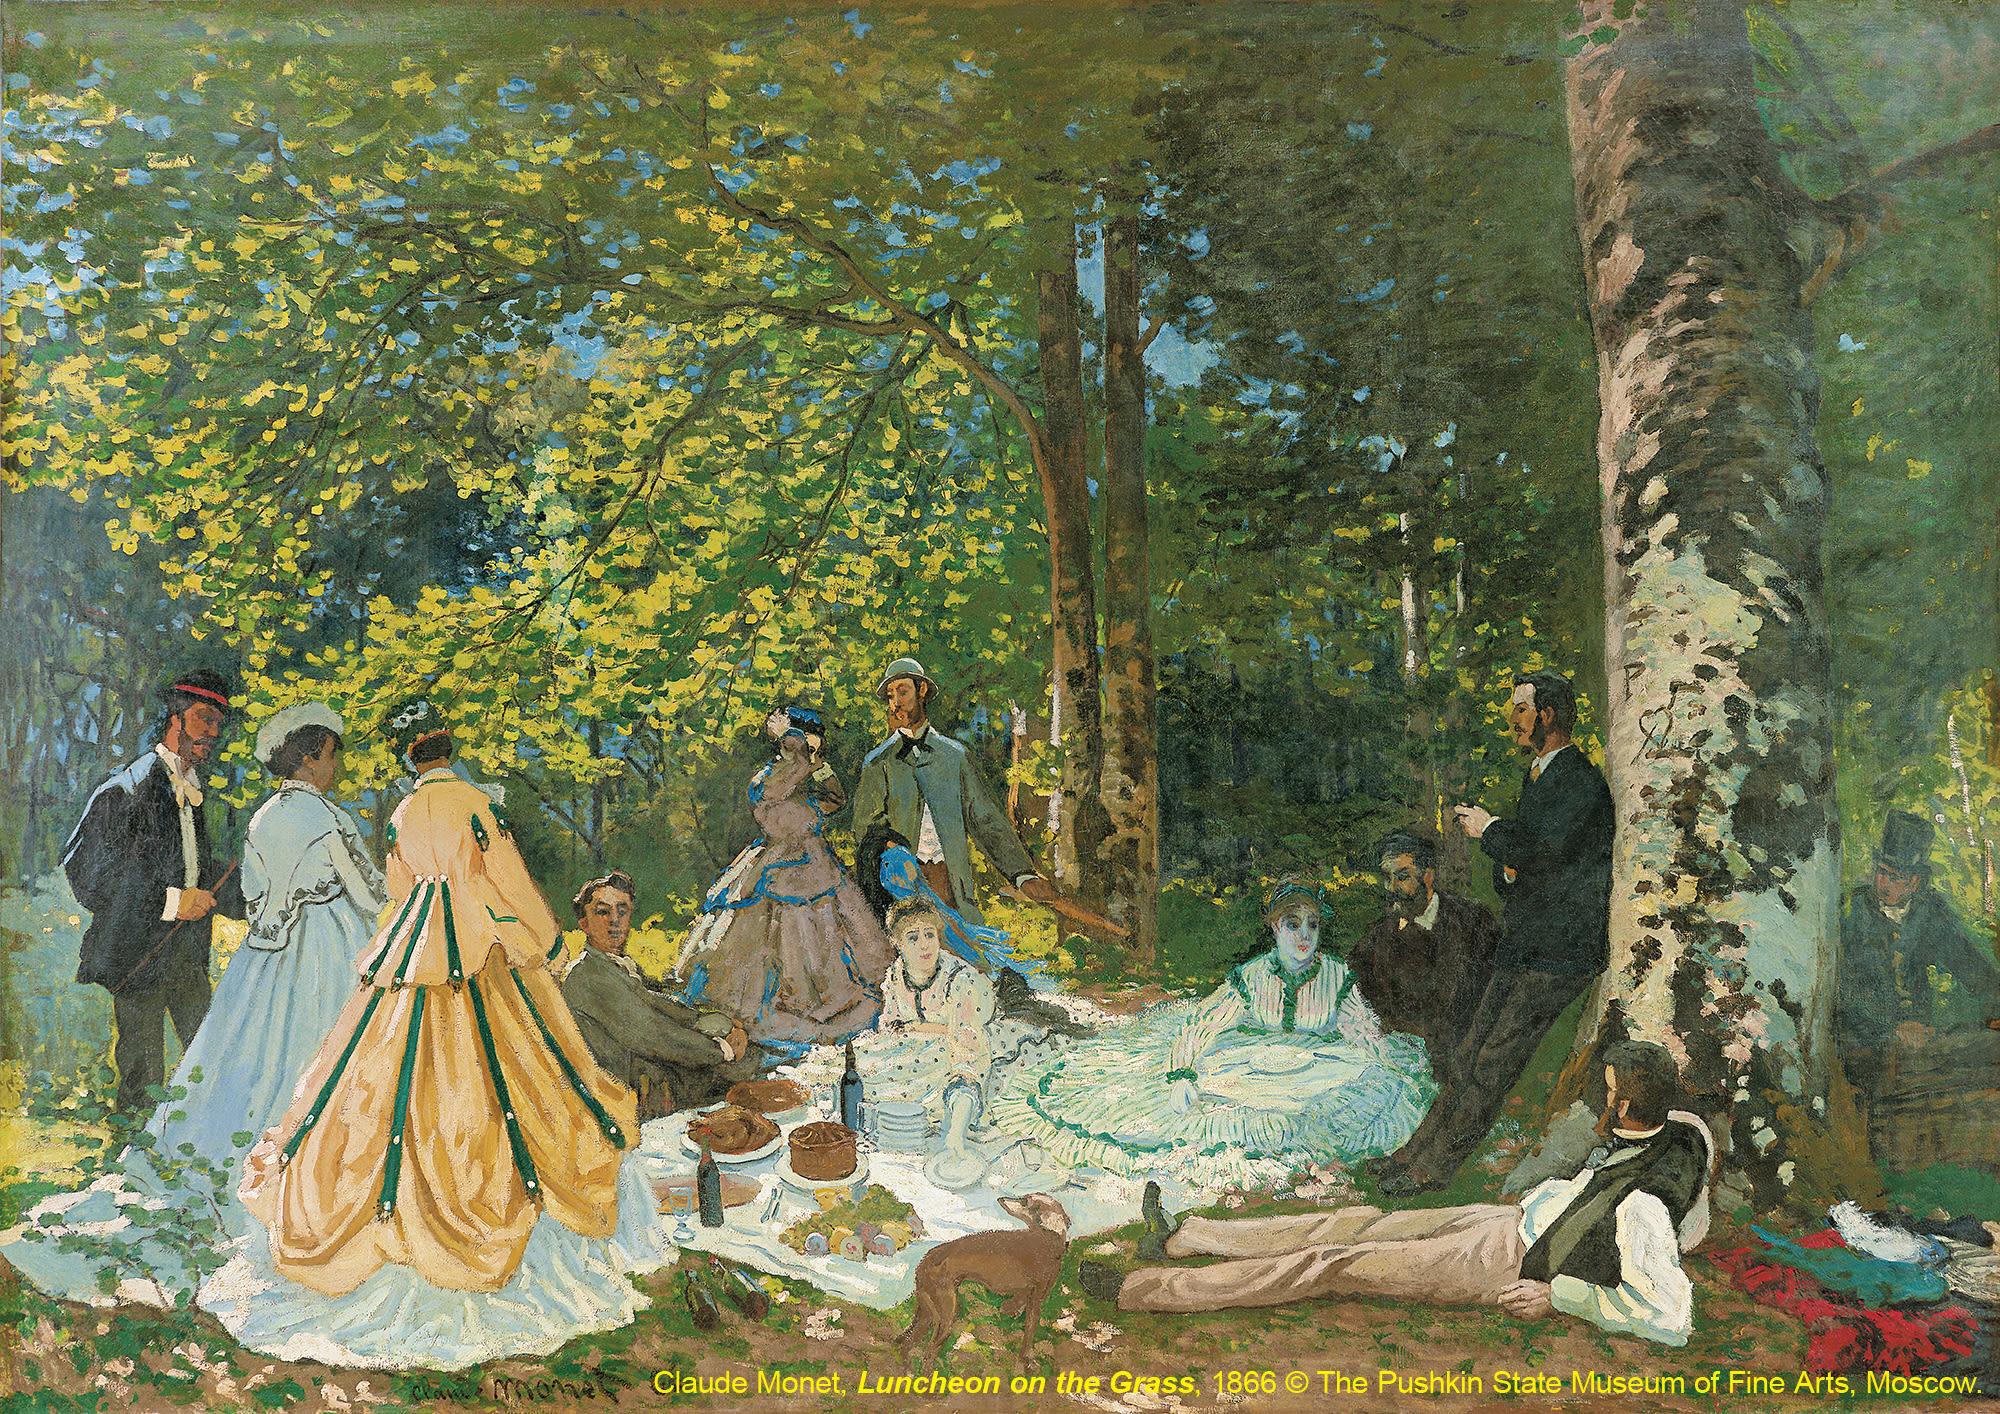 台北展覽俄羅斯普希金博物館特展,草地上的午餐Luncheon on the Grass / 克勞德·莫內Claude Monet / 1866